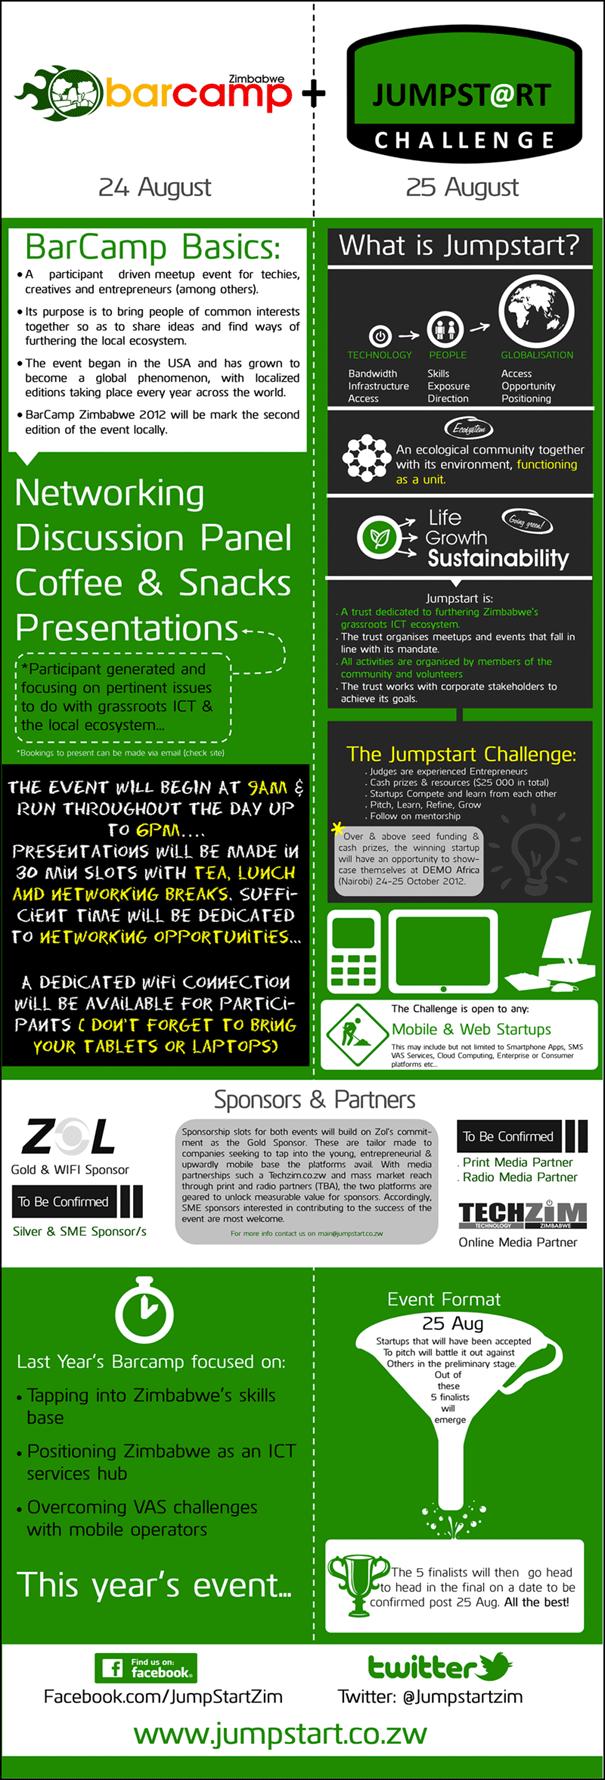 BarCamp Zimbabwe 2012 and Jumpstart Challenge